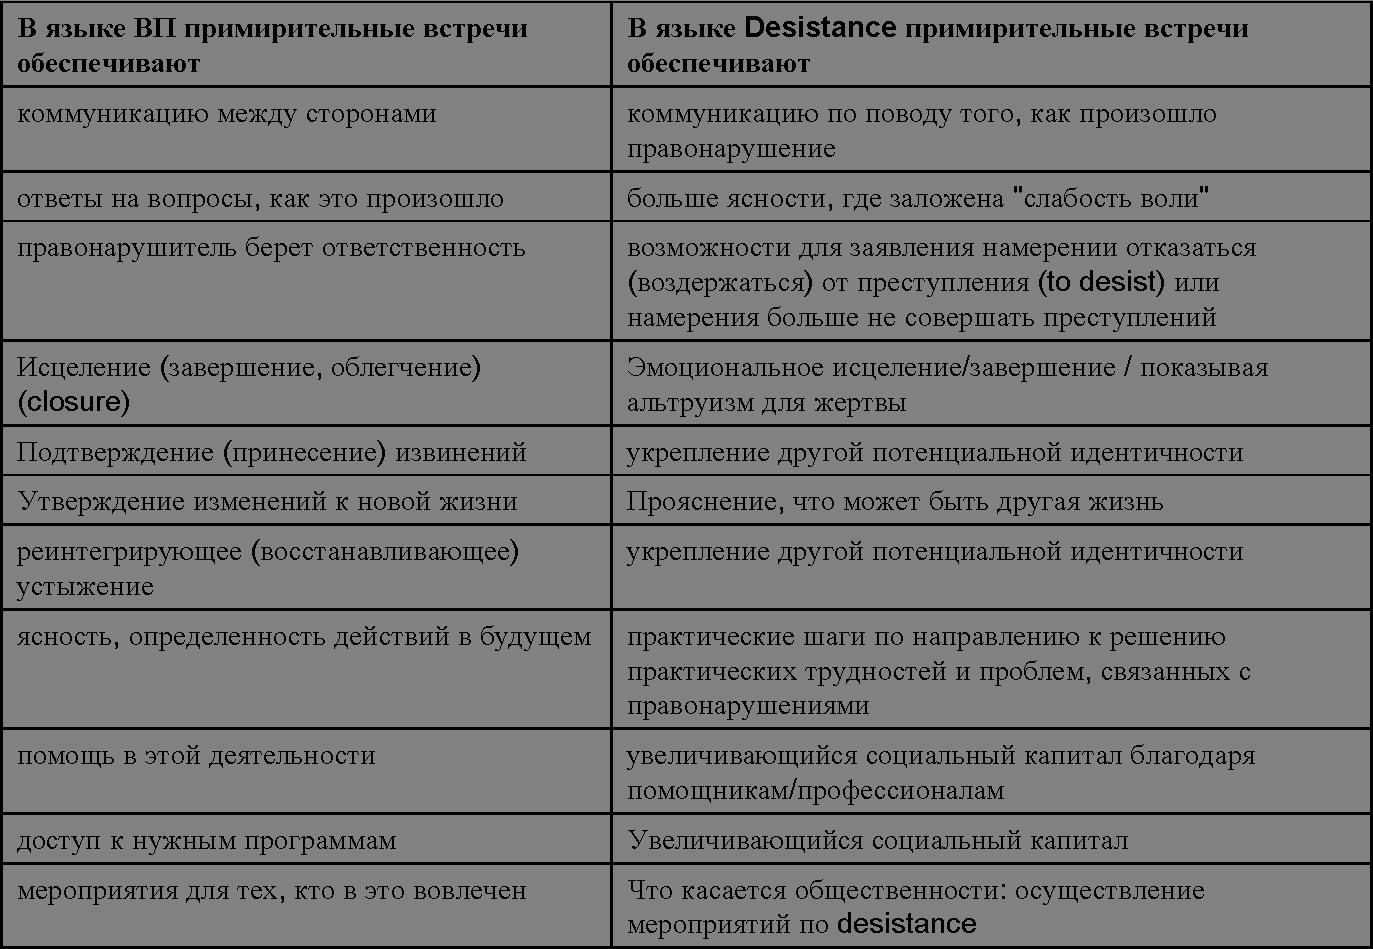 Сравнение ВП и Дезистанс